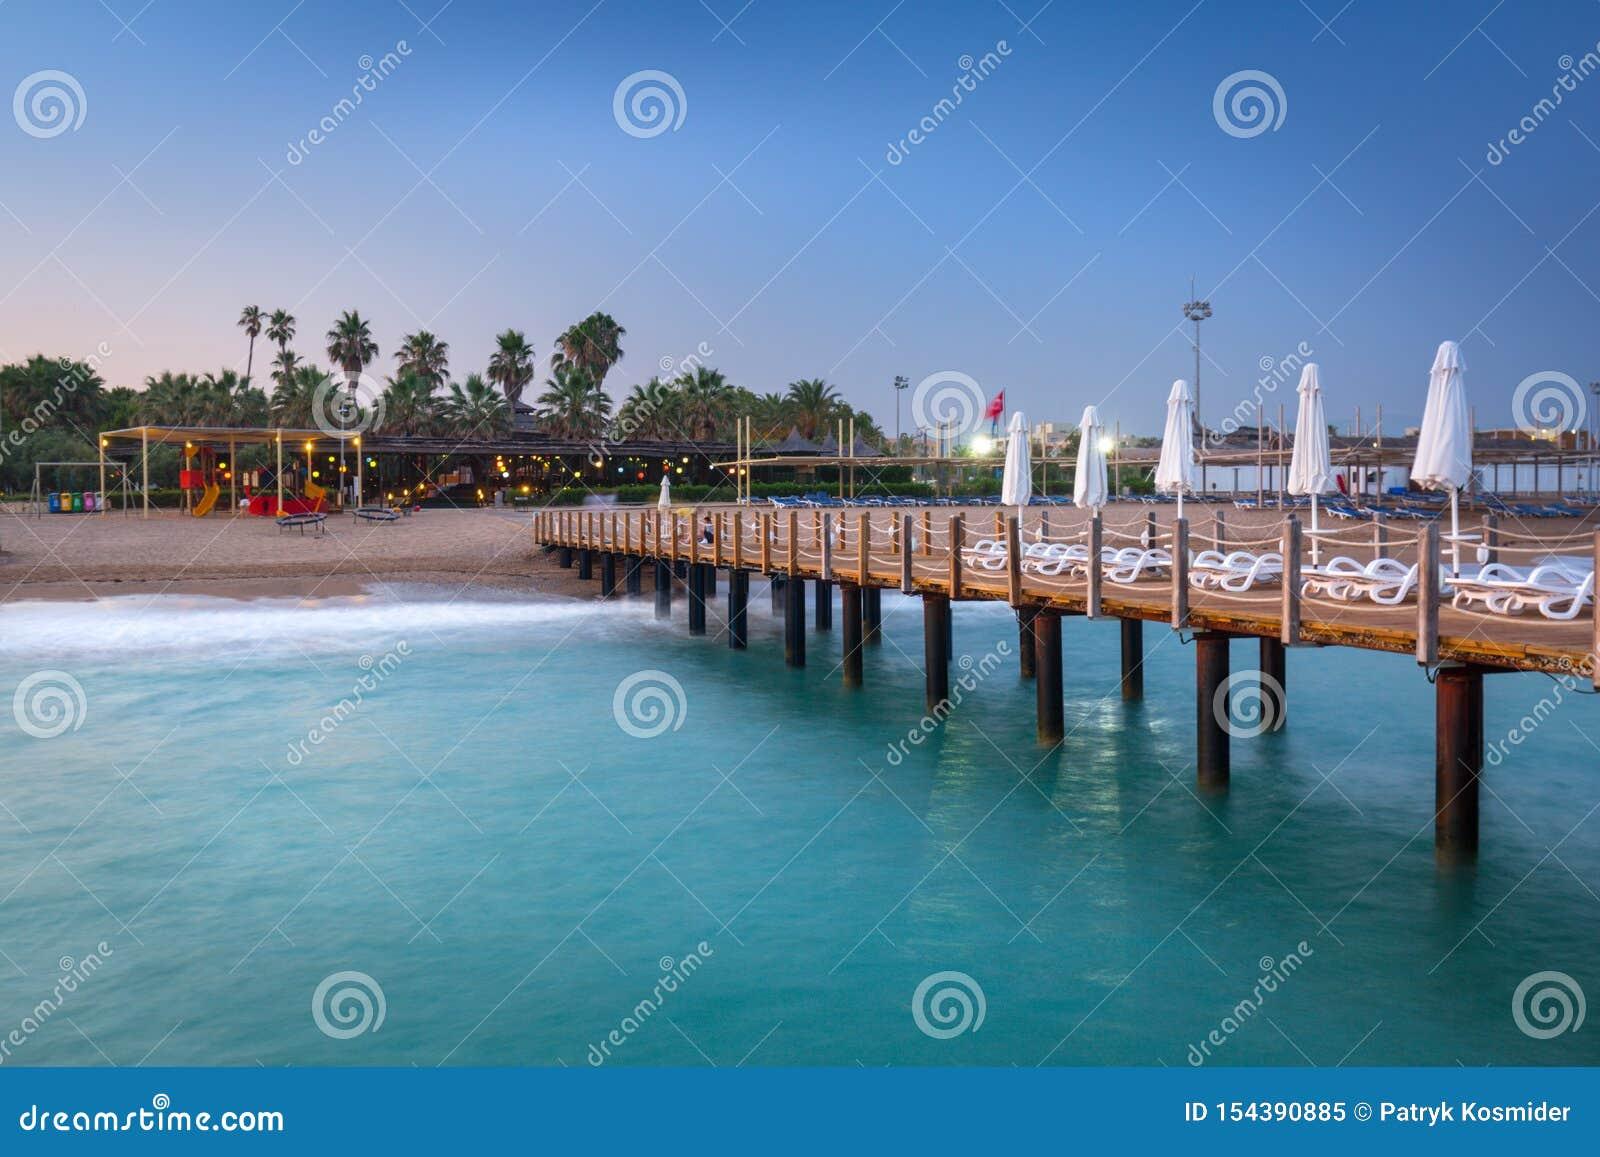 H?rligt landskap med tr?pir p? turk Riviera p? solnedg?ngen, sida